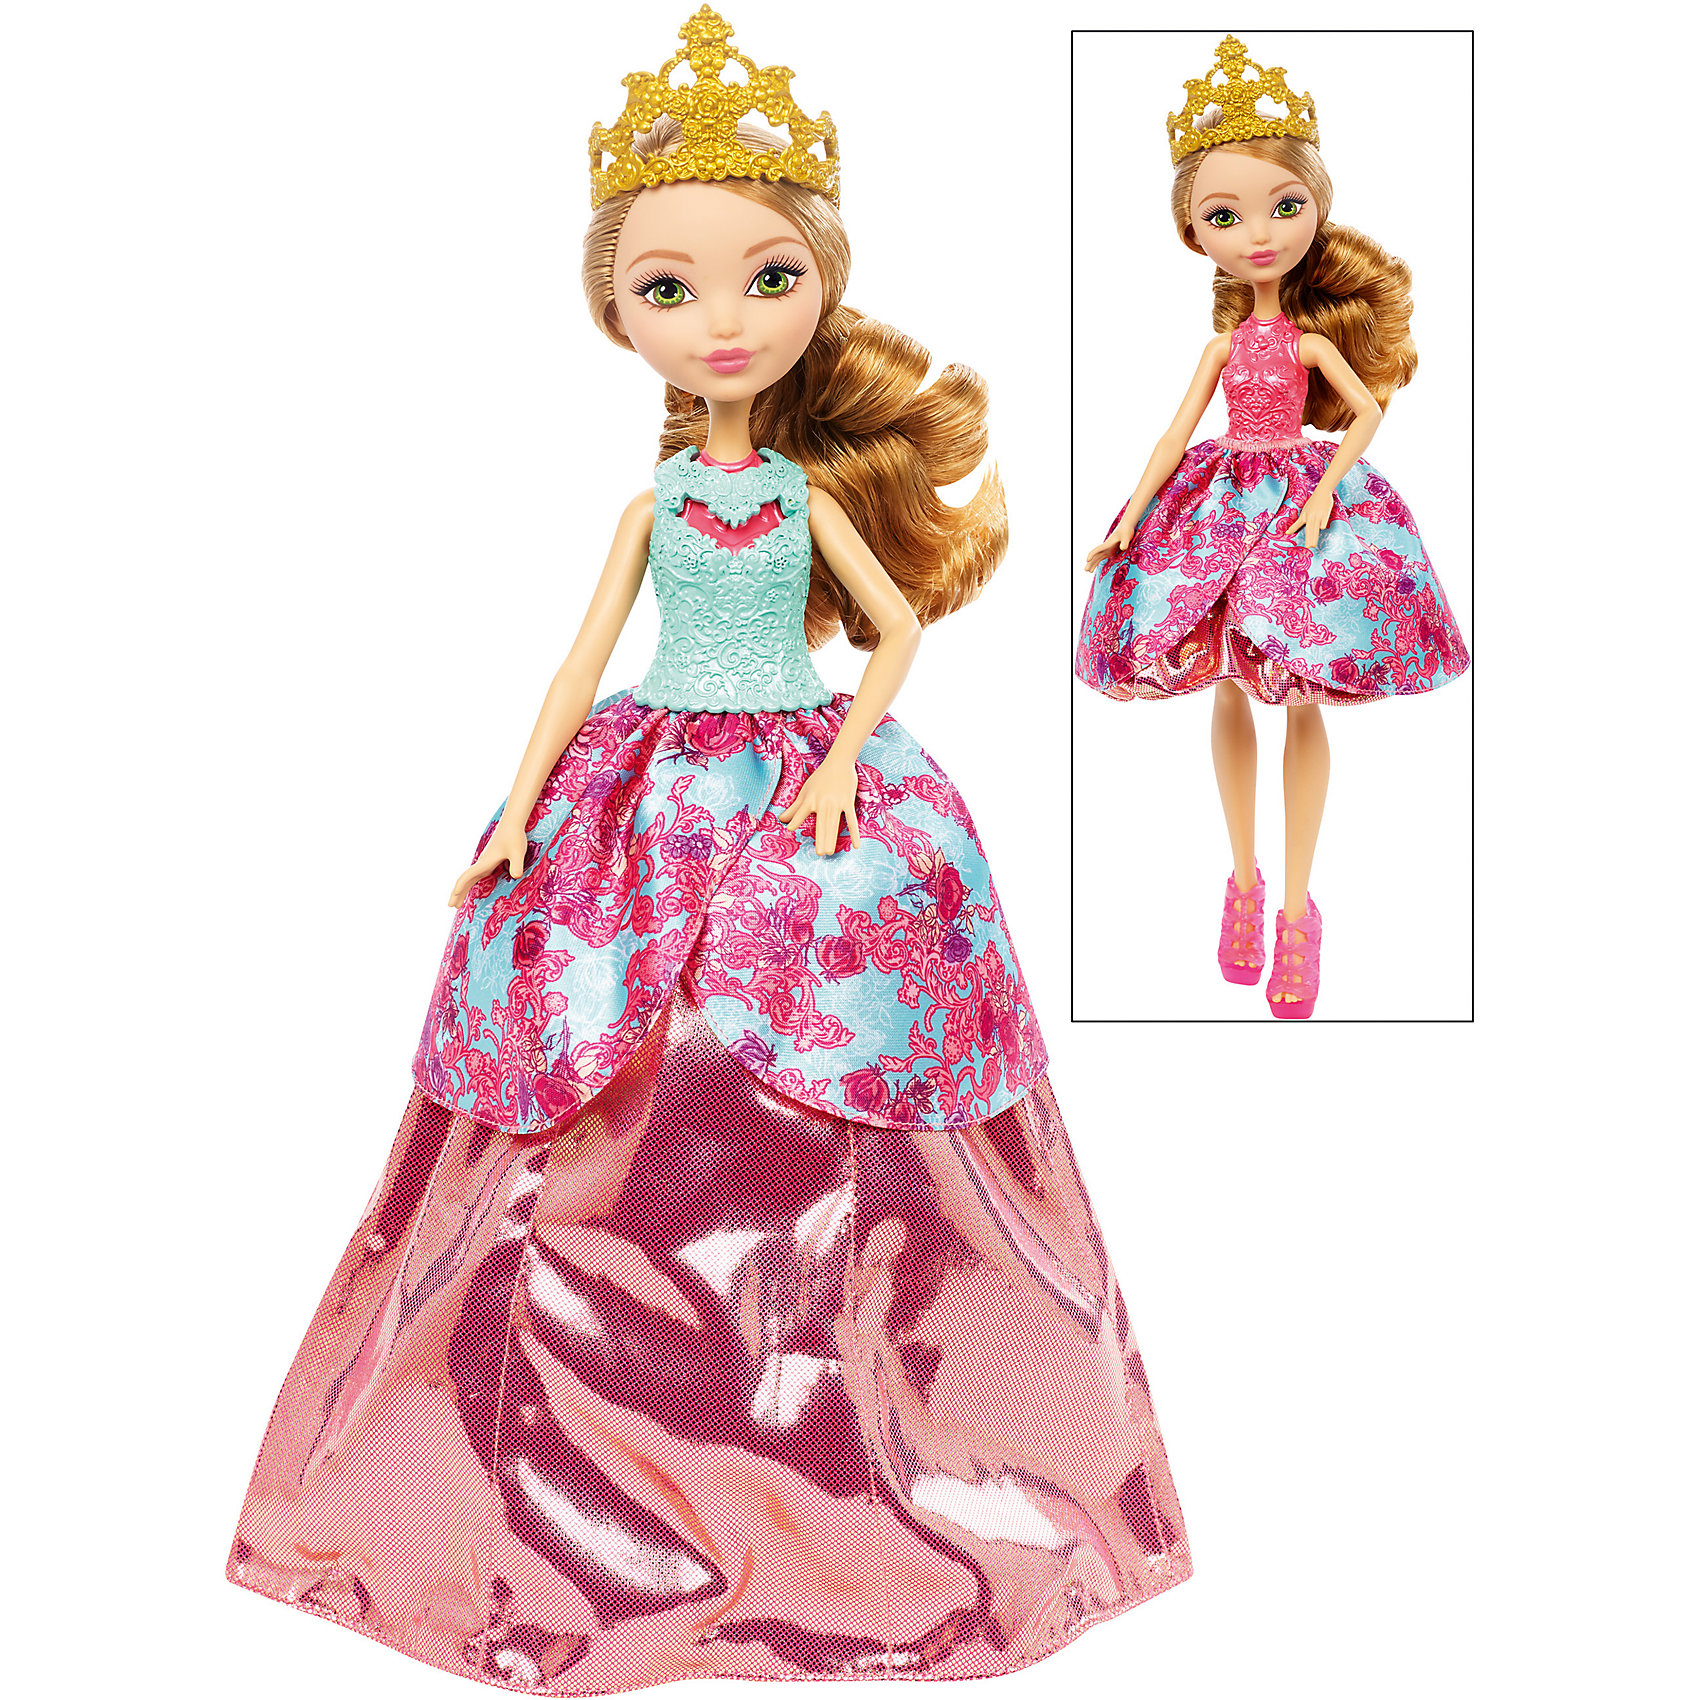 Mattel Кукла Эшлин Элла в трансформирующемся платье 2-в-1, Ever After High mattel ever after high кукла эшли элла в трансформирующемся платье